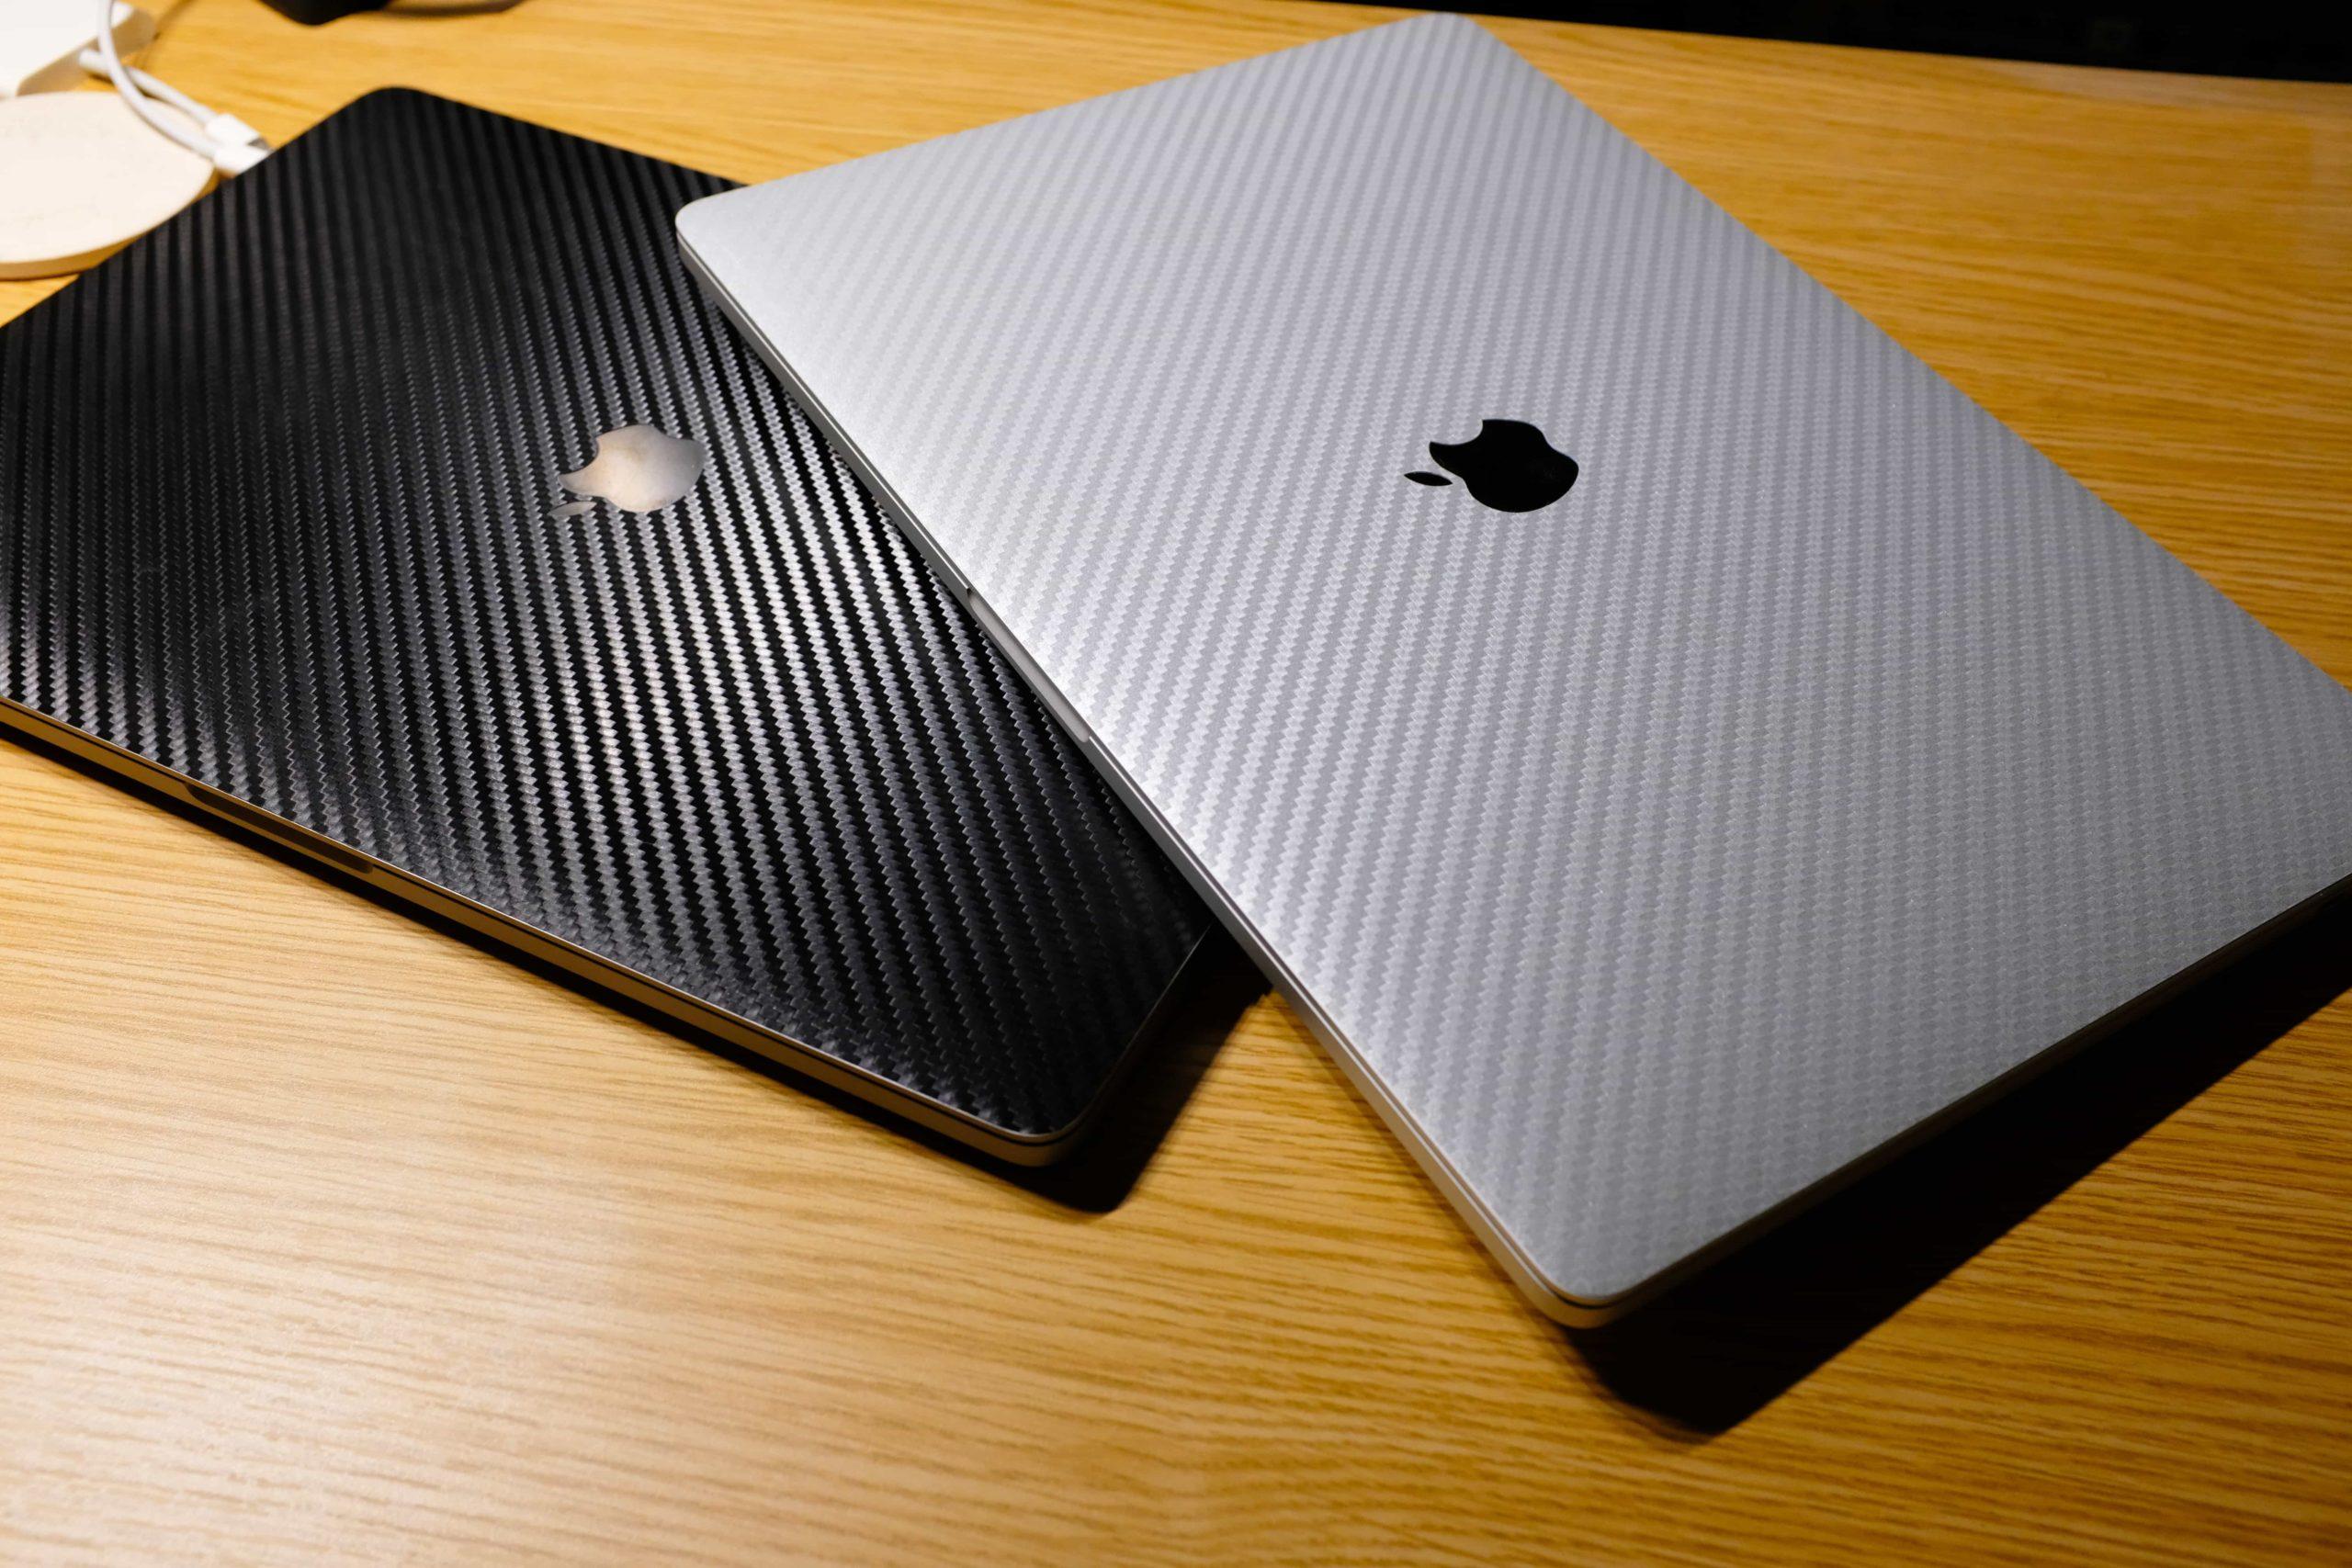 16インチ MacBook Pro 2台持ちのユーザーの使い分け